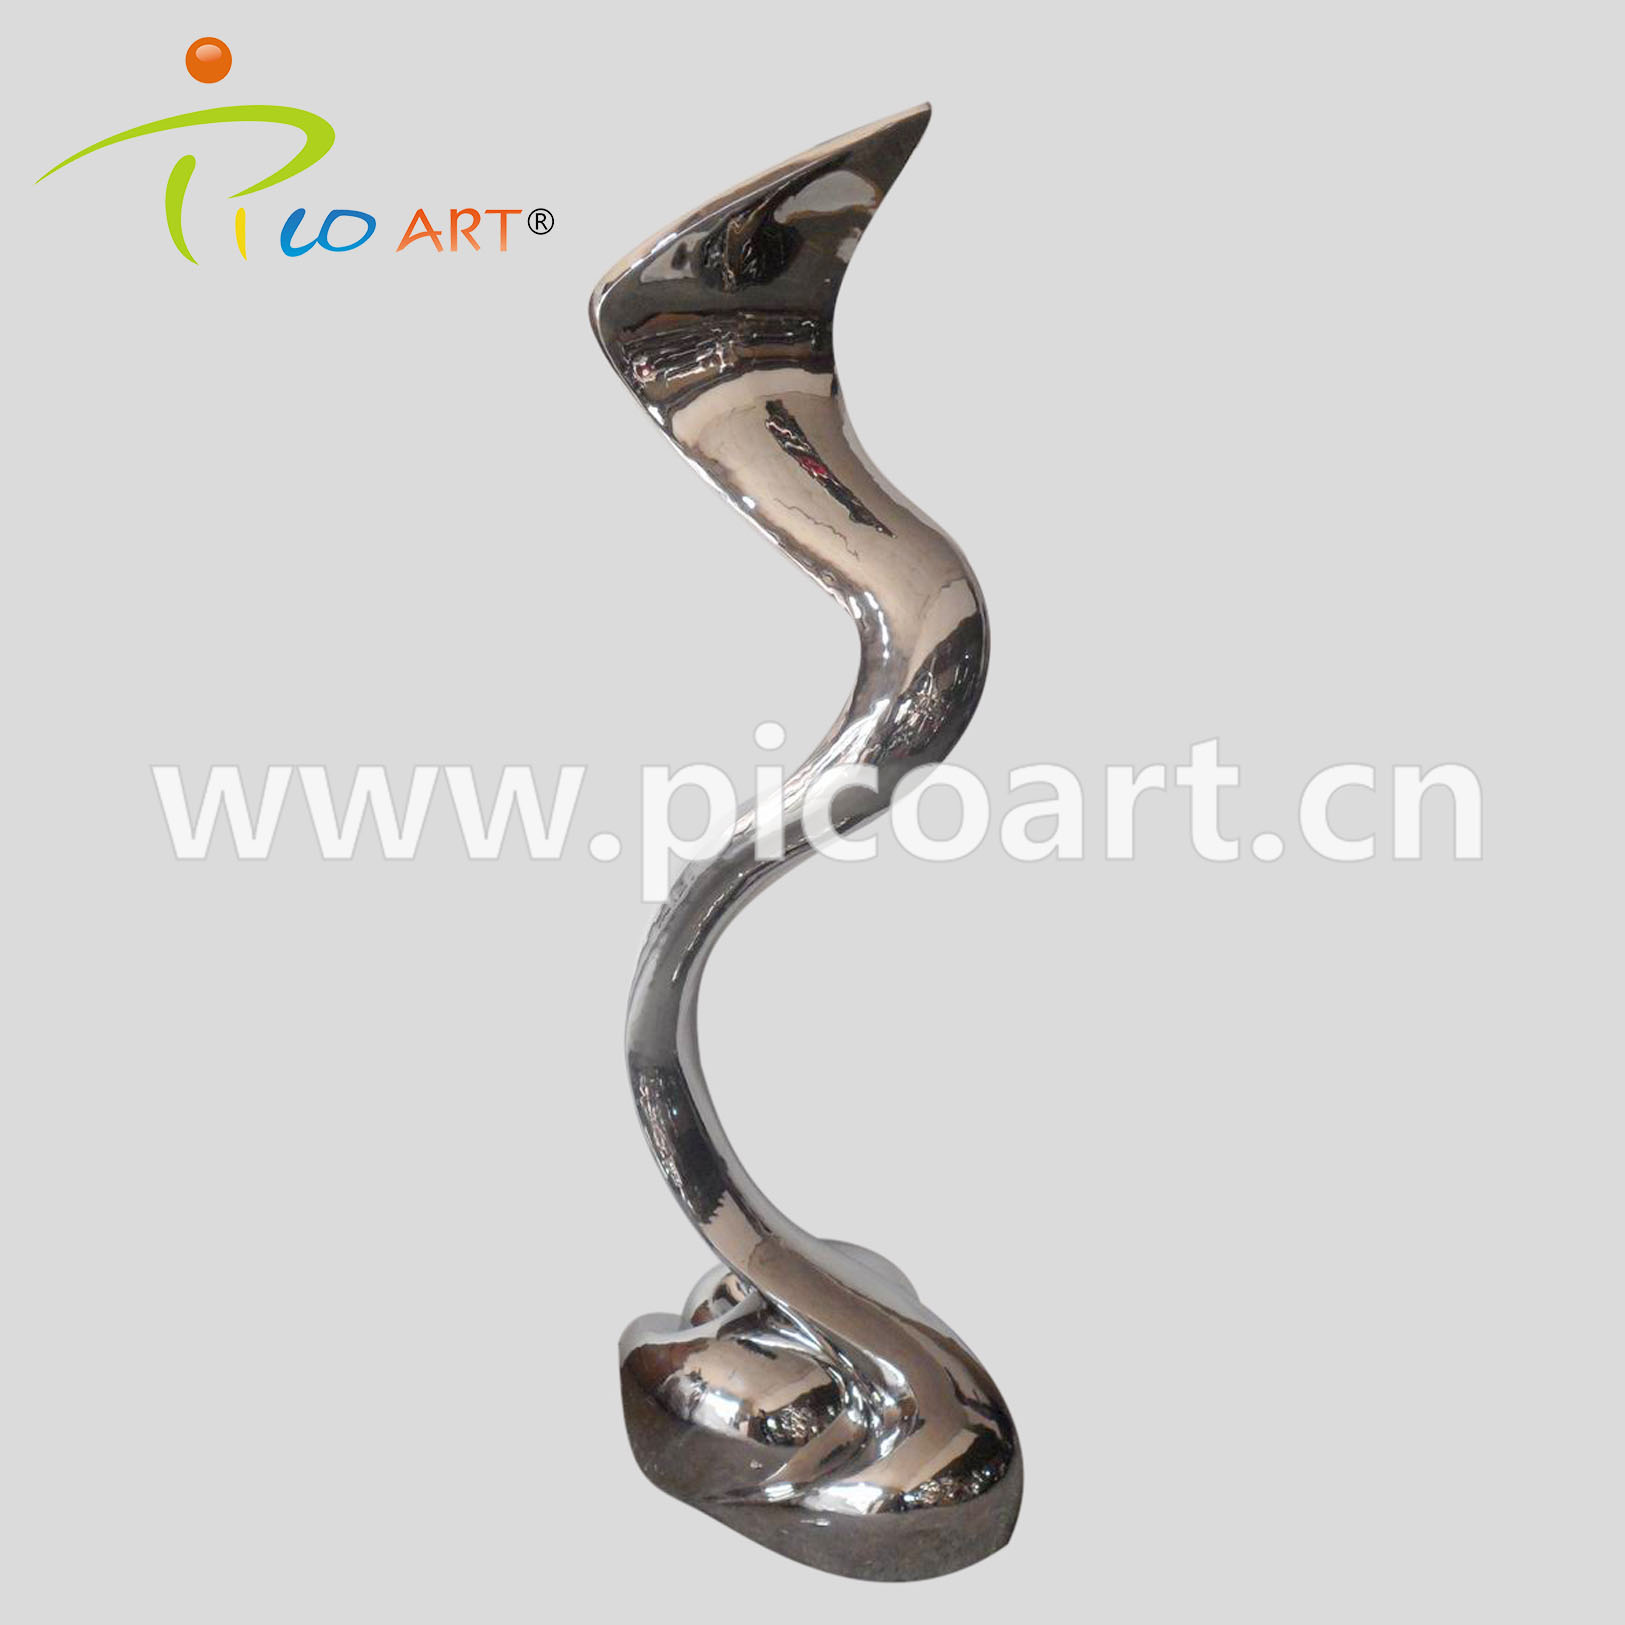 Handmade Polished Craft Design for Metal Garden Art Special Rivulet Design Sculpture